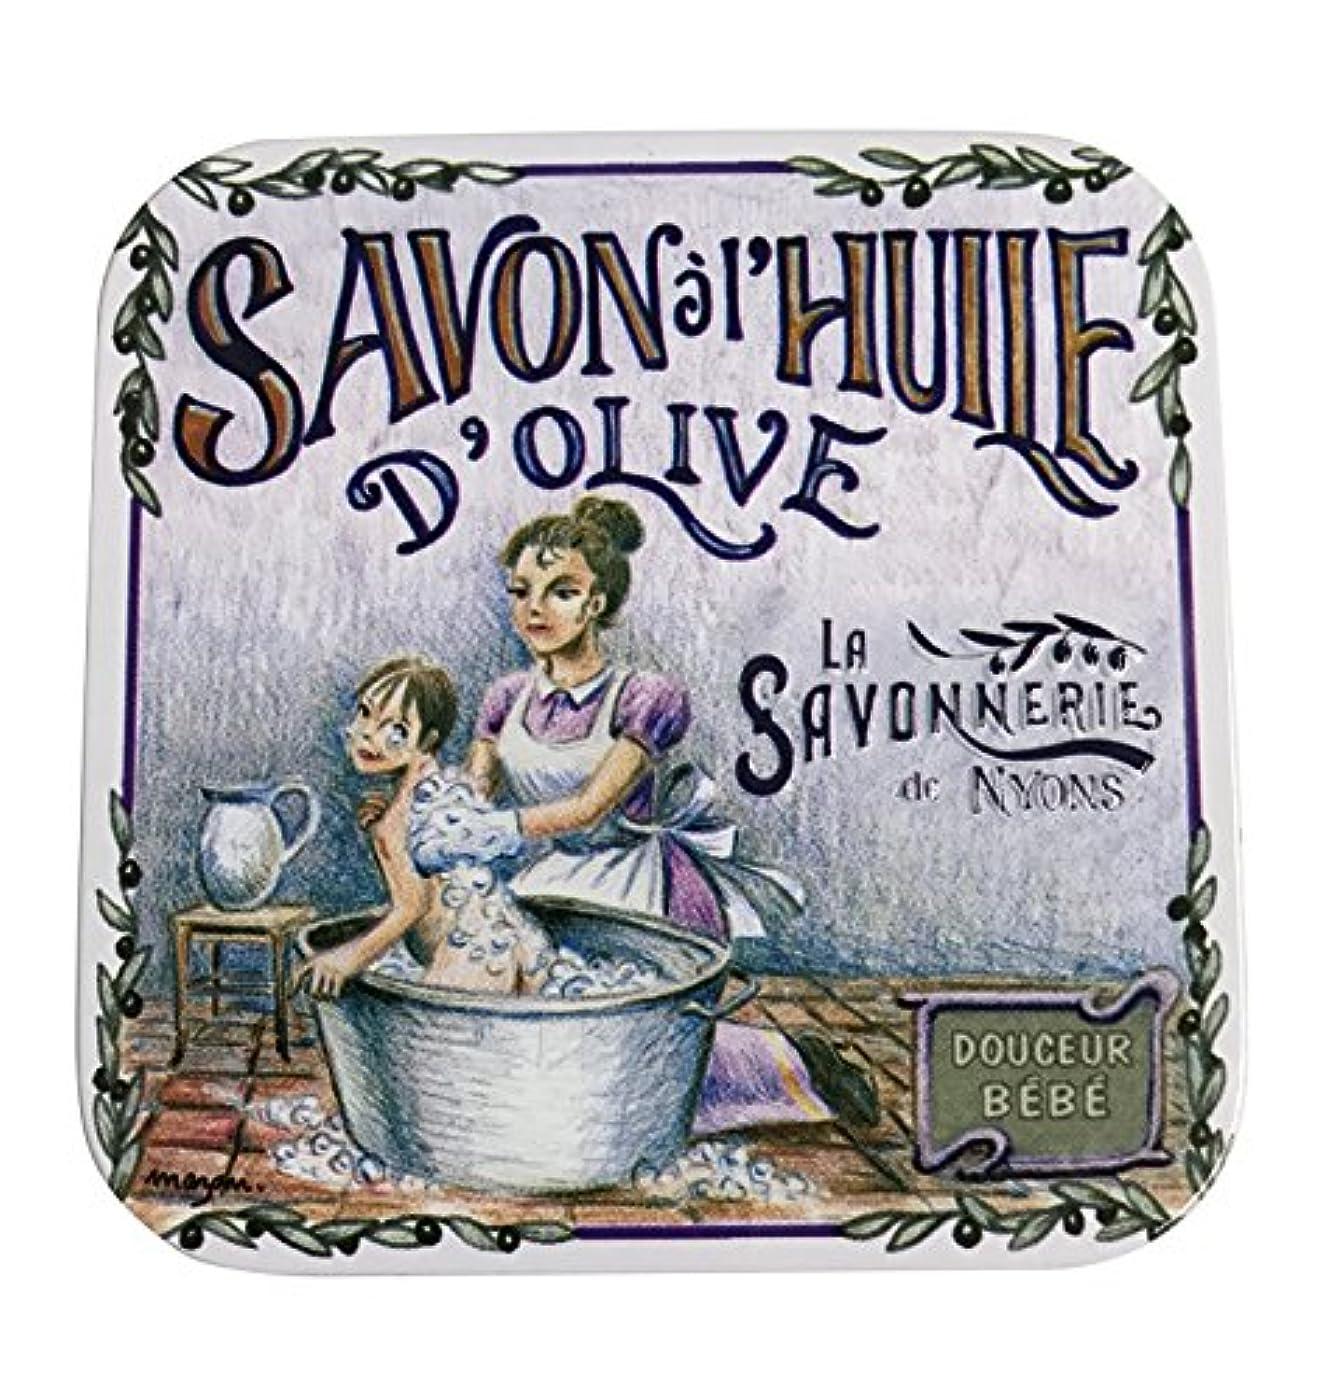 サーバント発掘する塩ラ?サボネリー アンティーク缶入り石鹸 タイプ100 ハウスワイフ(ローズ)